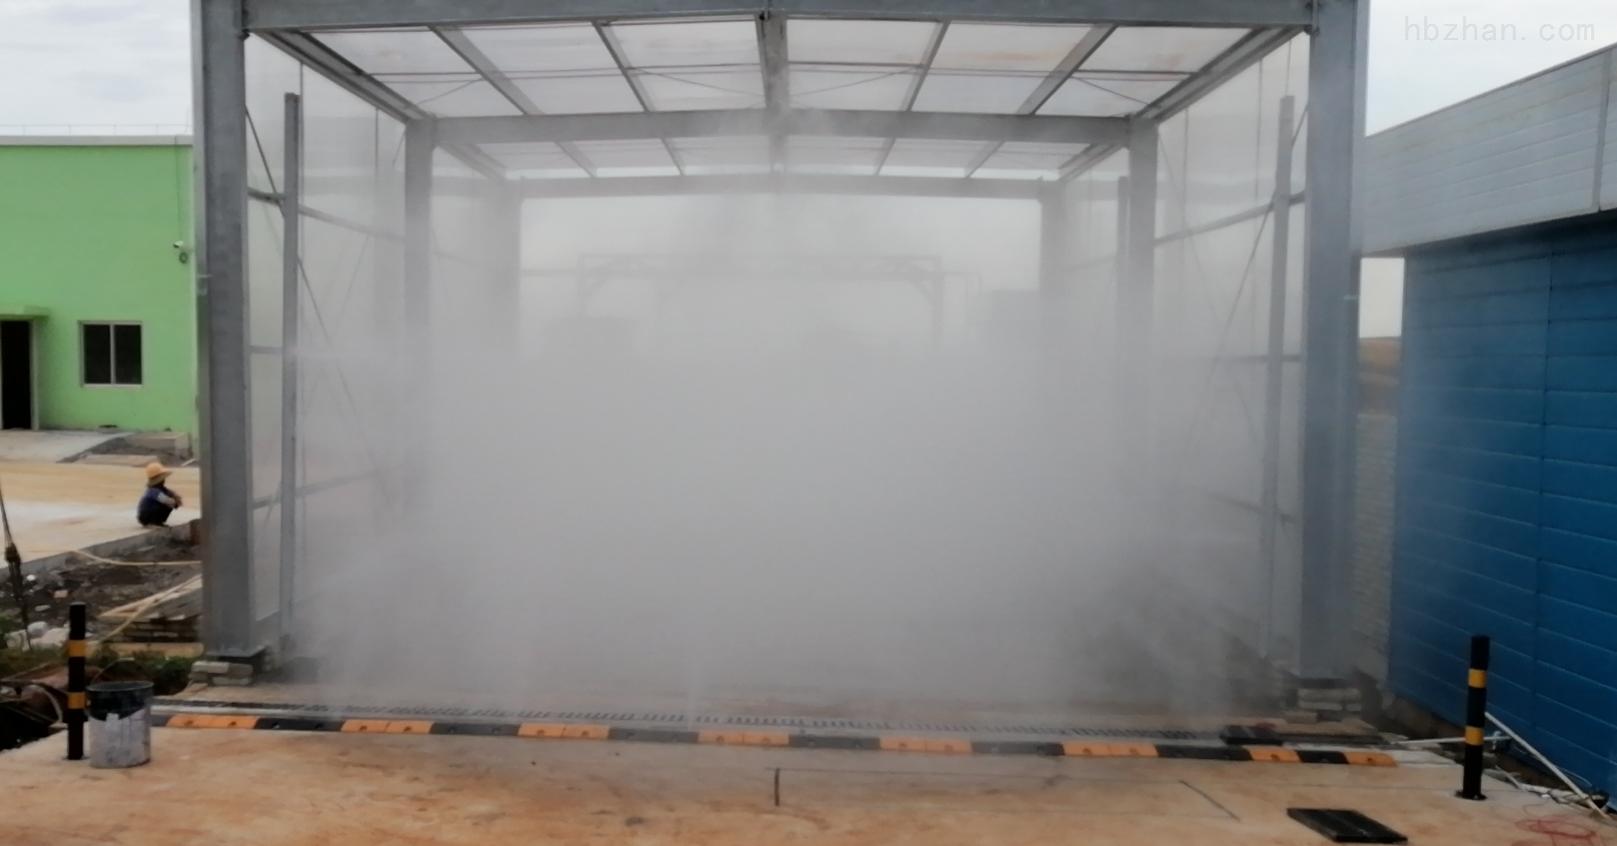 (喷雾消毒)湛江遂溪县畜牧业资源循环利用处理中心项目汽车喷雾消毒设备